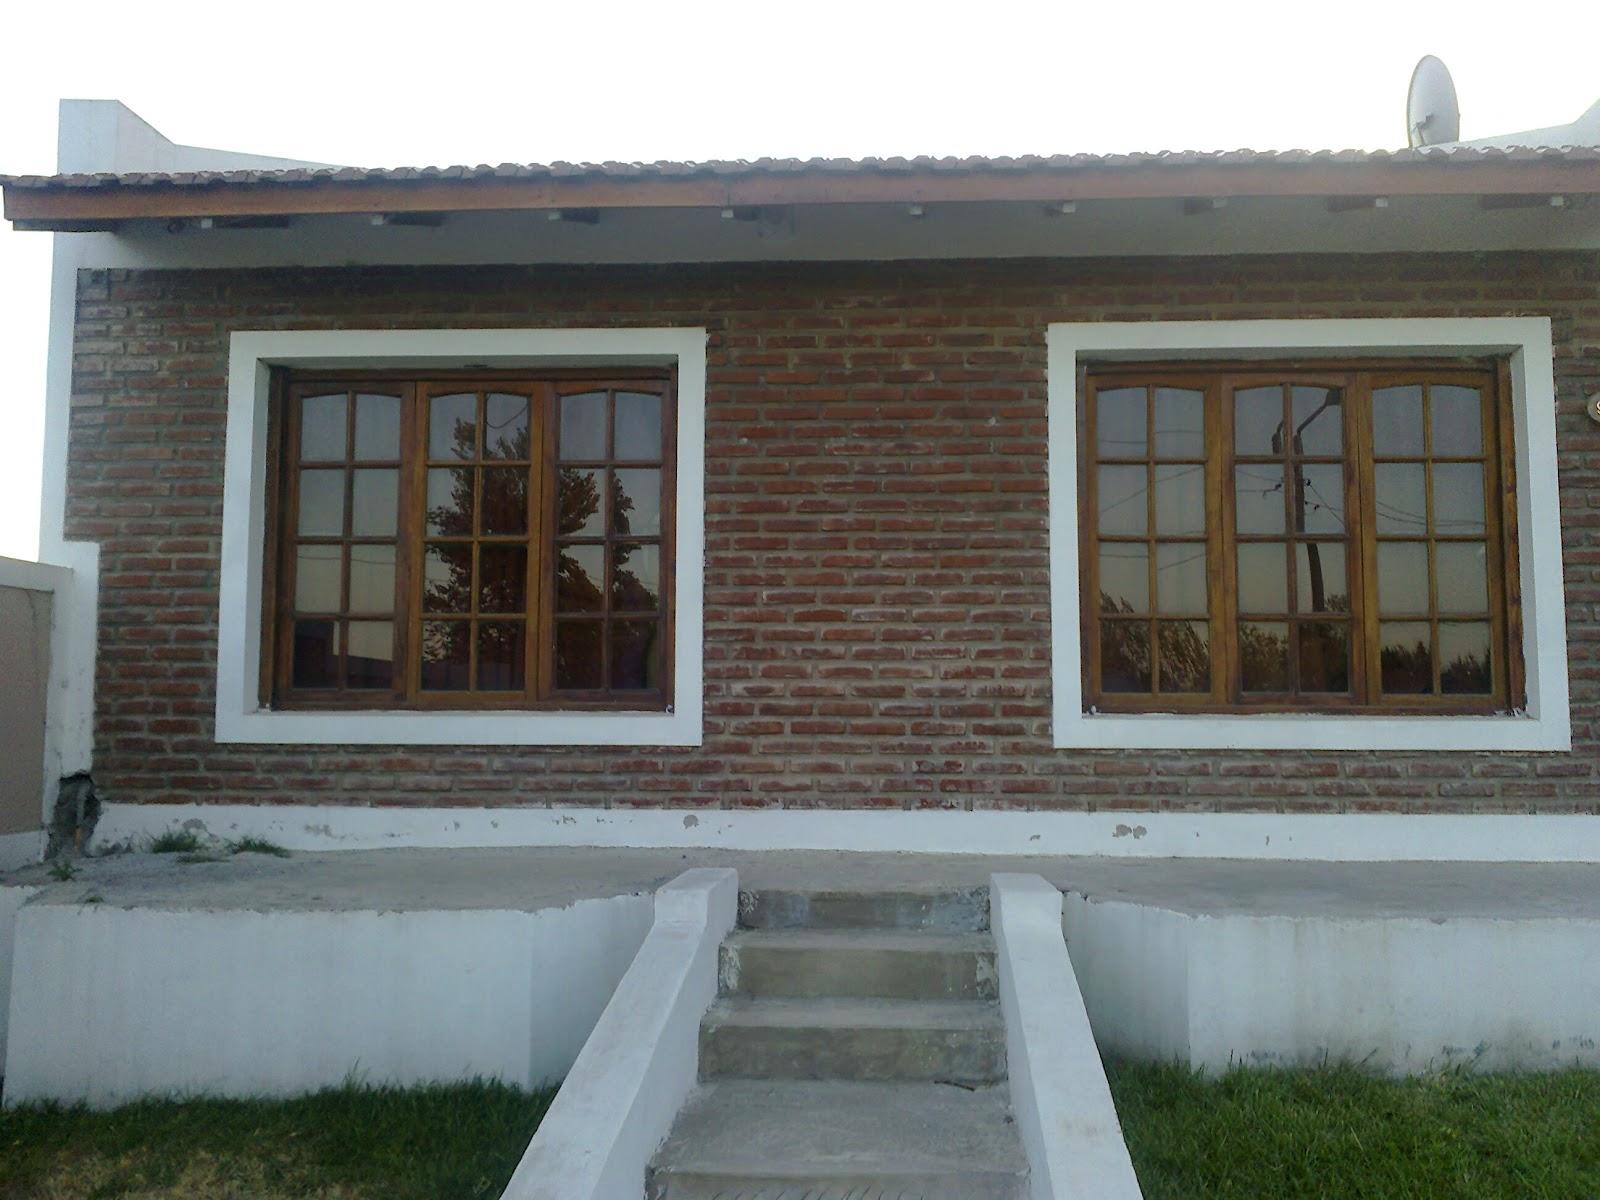 Construcciones gari marzo 2012 - Casas ladrillo visto ...